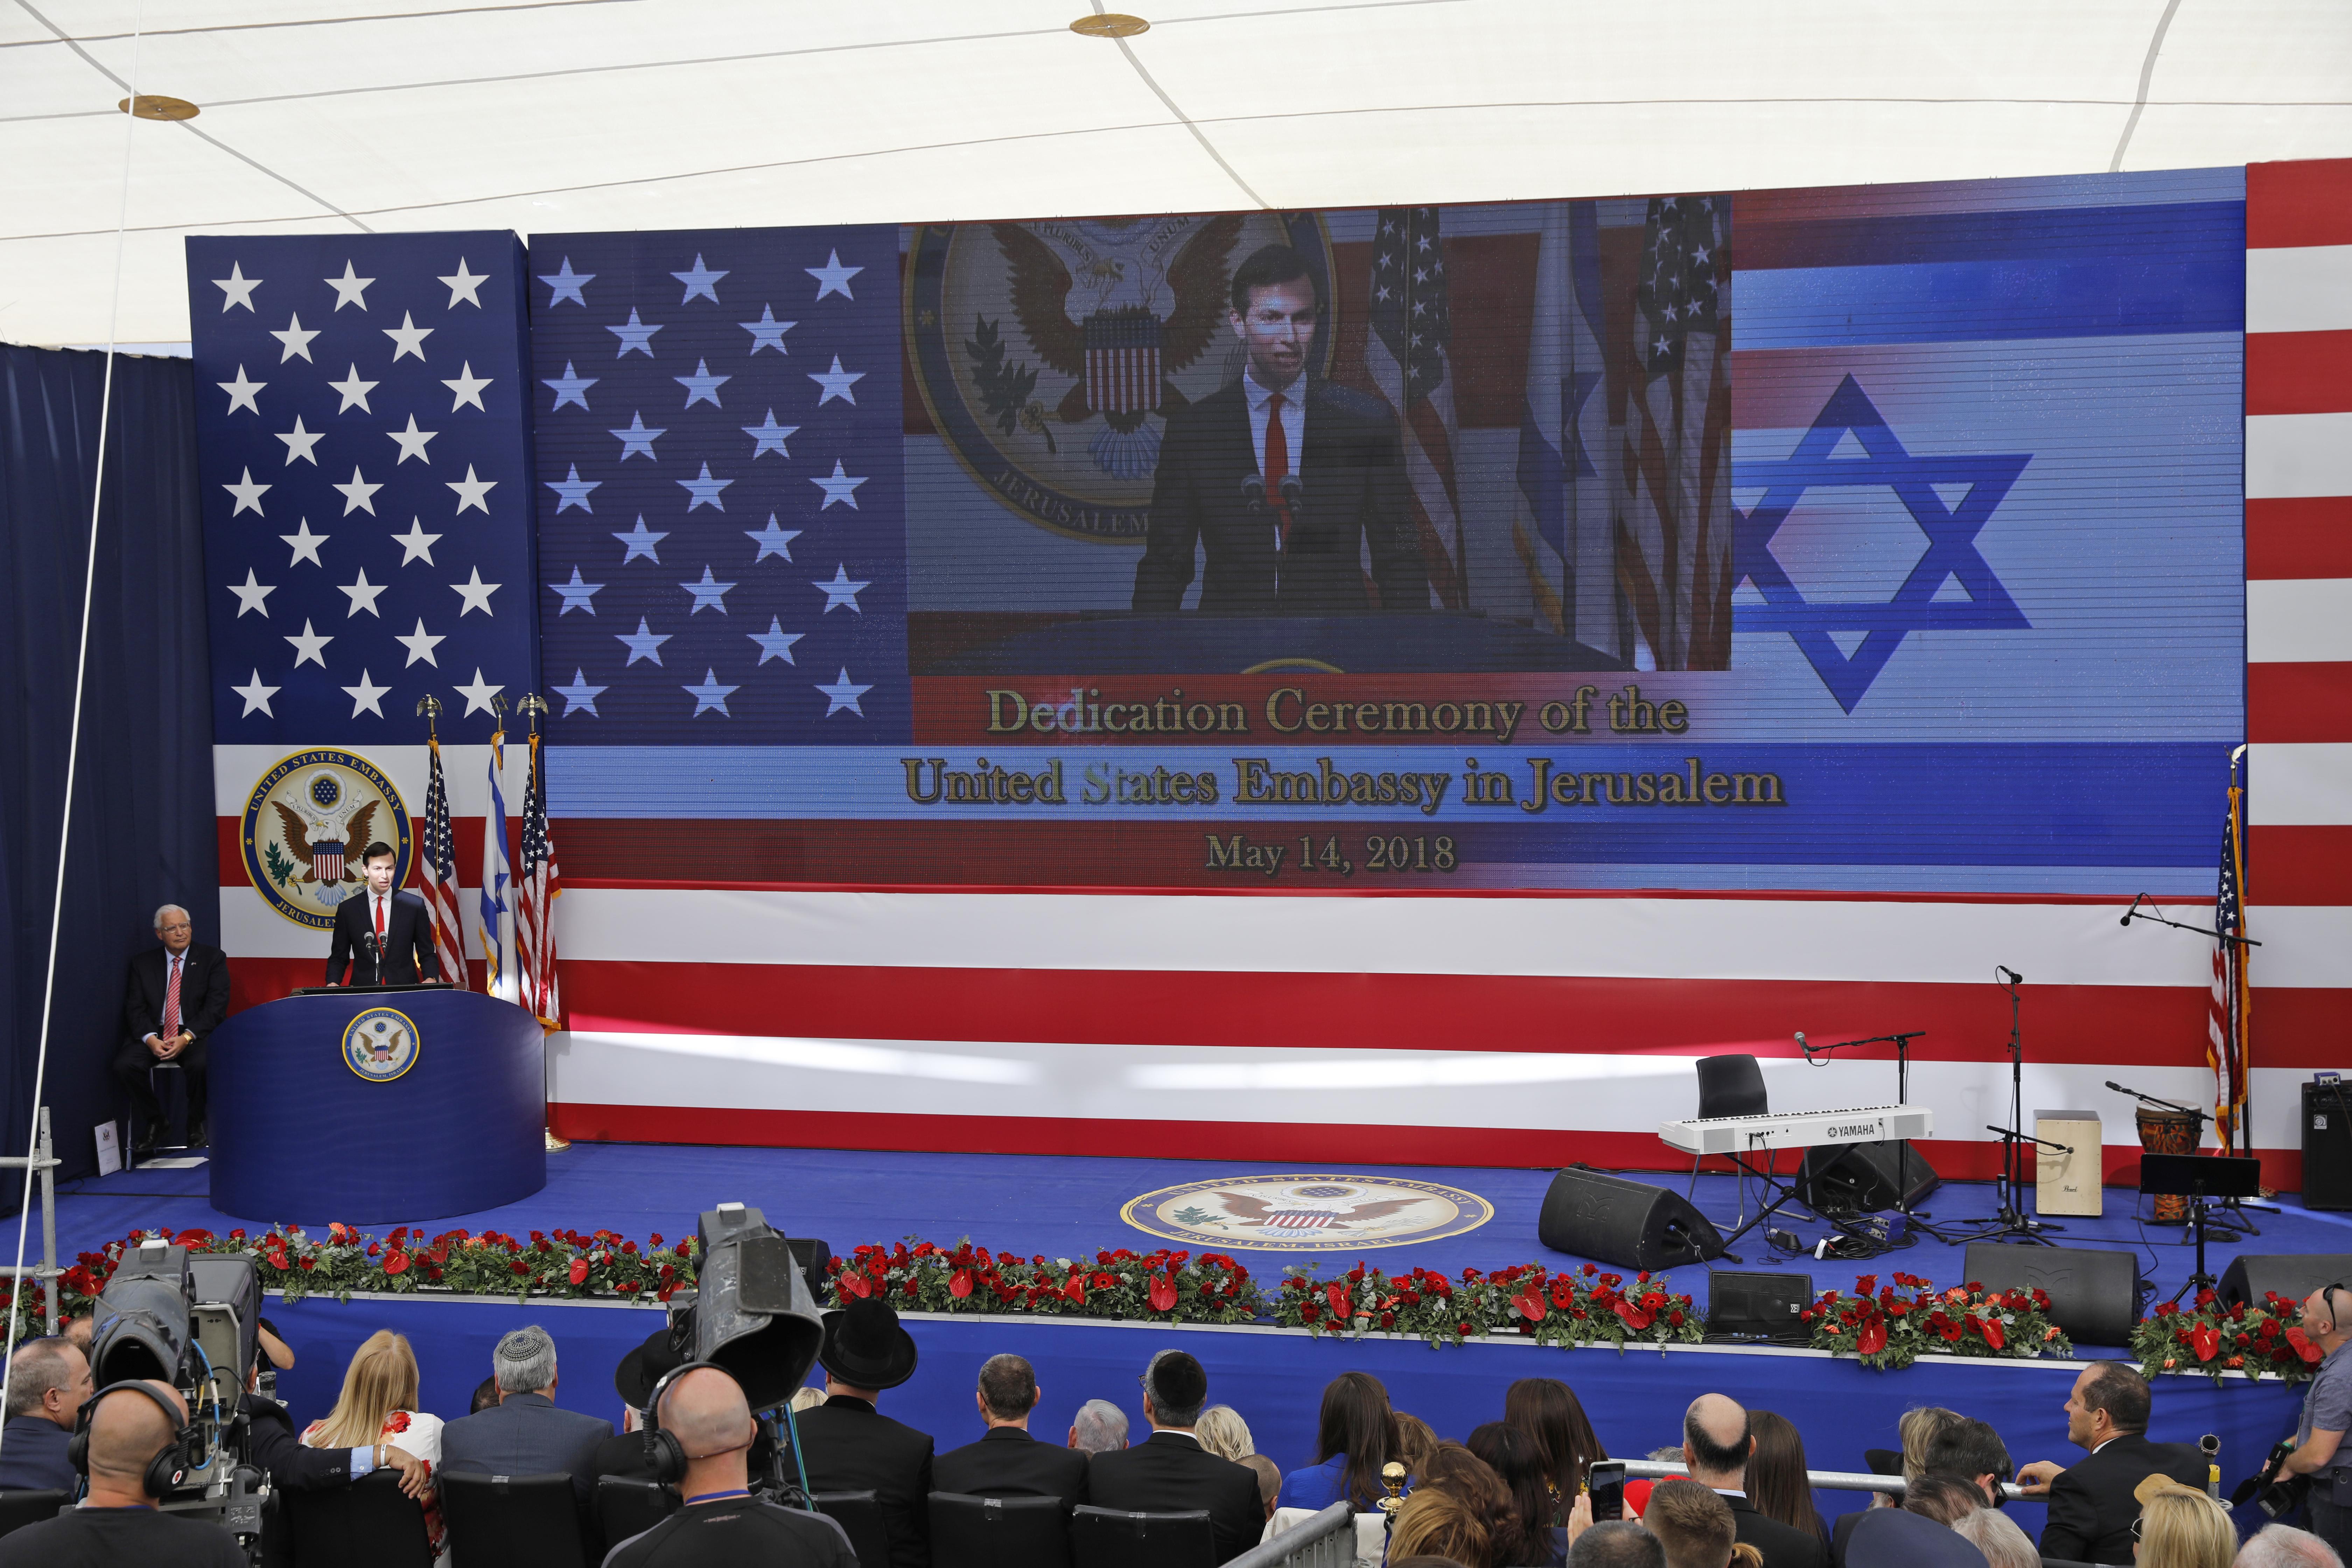 El yerno y asesor del presidente Donald trump, Jared Kushner, durante la ceremonia (AFP)